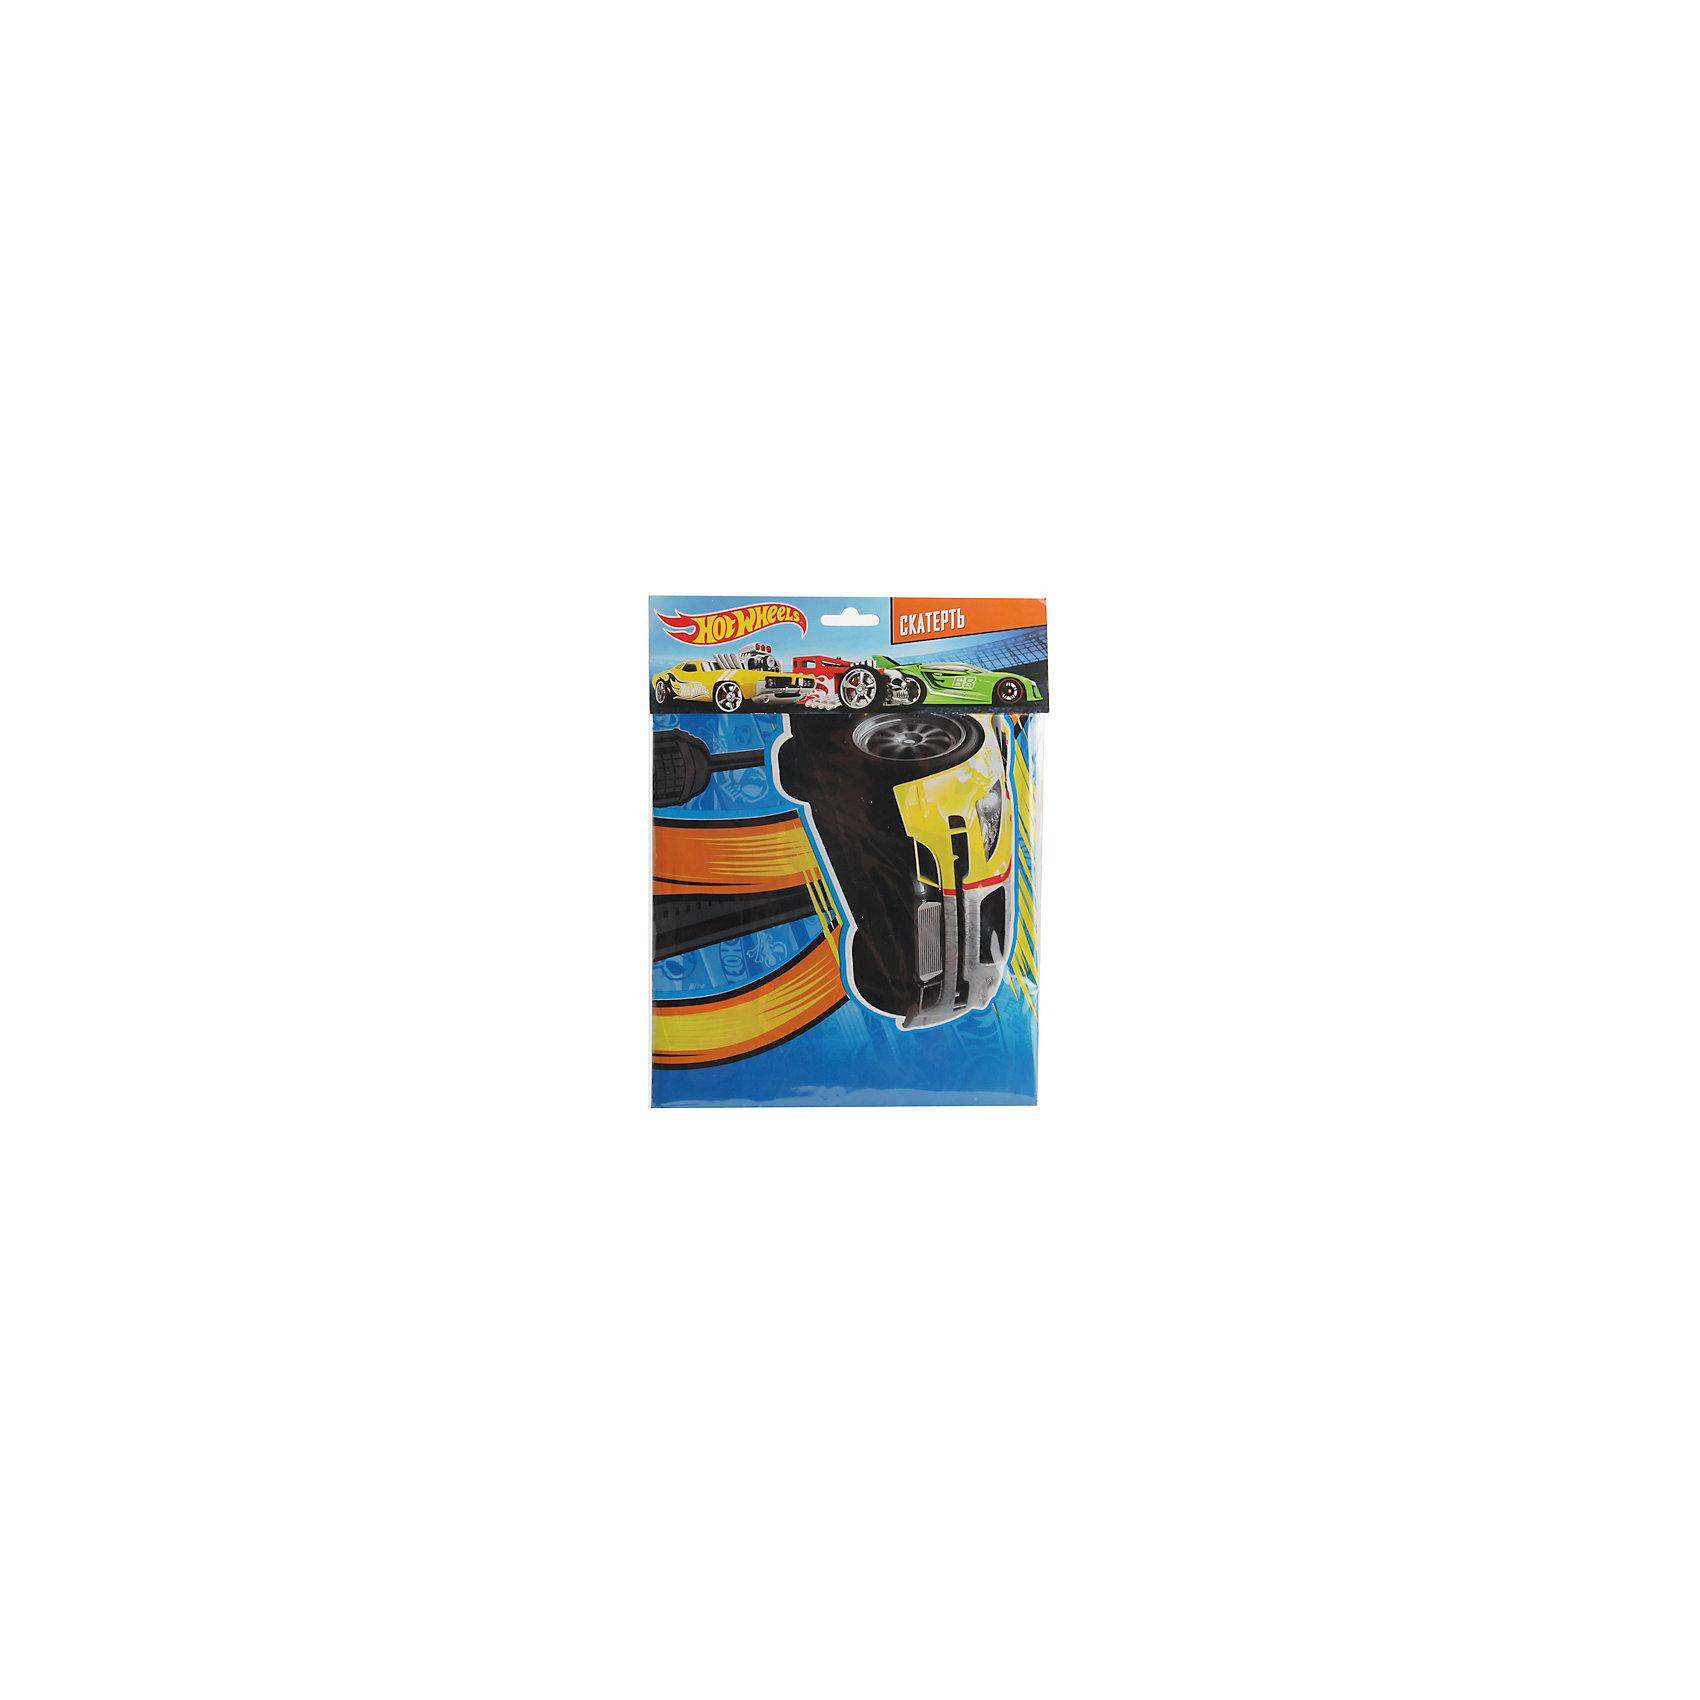 Скатерть, Hot WheelsСкатерть с изображением машинок — праздничный аксессуар, идеально подходящий для детской тематической вечеринки или дня рождения маленького любителя игрушек Хот Вилс! Скатерть позволяет накрыть большой стол. Она изготовлена из практичного материала и может быть использована много раз — достаточно протереть ее от пятен.<br><br>Дополнительная информация:<br><br>- Материал: полиэтилен.<br>- Размер скатерти: 180х140 см.<br>- Размер упаковки: 22х18х1 см.<br>- Вес в упаковке: 90 г.<br><br>Купить скатерть Hot Wheels можно в нашем магазине.<br><br>Ширина мм: 22<br>Глубина мм: 18<br>Высота мм: 1<br>Вес г: 90<br>Возраст от месяцев: 12<br>Возраст до месяцев: 2147483647<br>Пол: Мужской<br>Возраст: Детский<br>SKU: 4797427